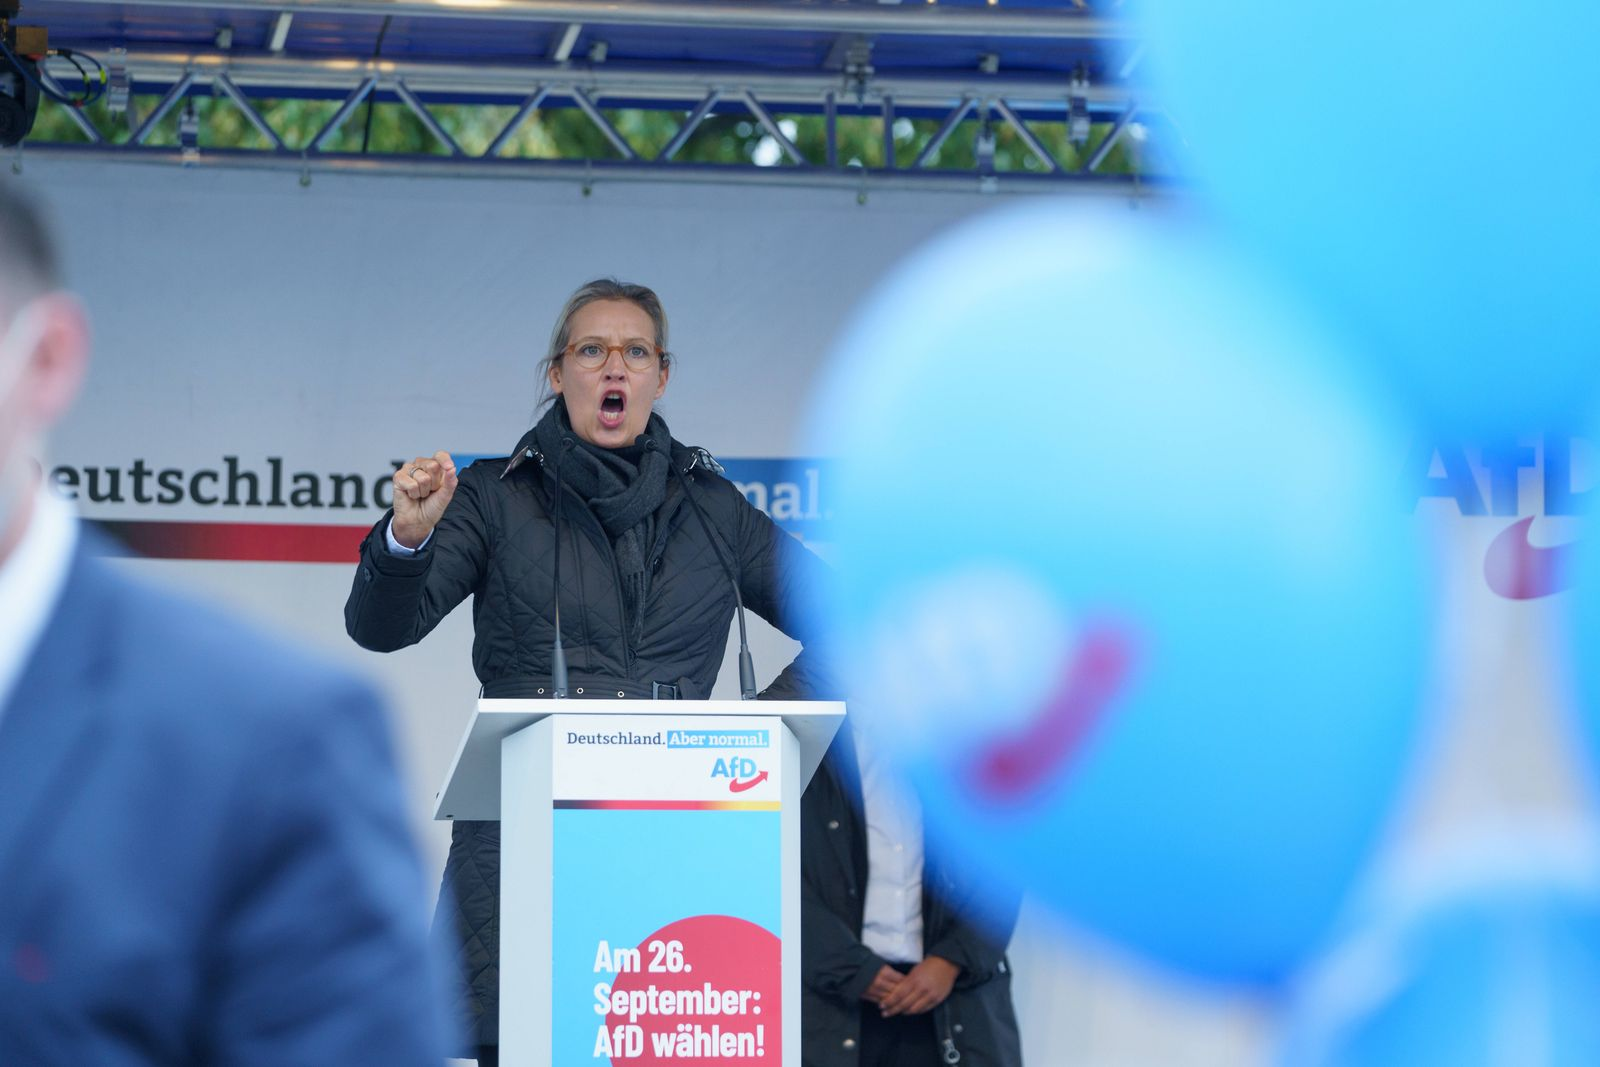 Wahlkampfabschluss der AfD in Berlin zur Bundestagswahl 2021 vor dem Schloss Charlottenburg - Alice Weidel, Spitzenkand